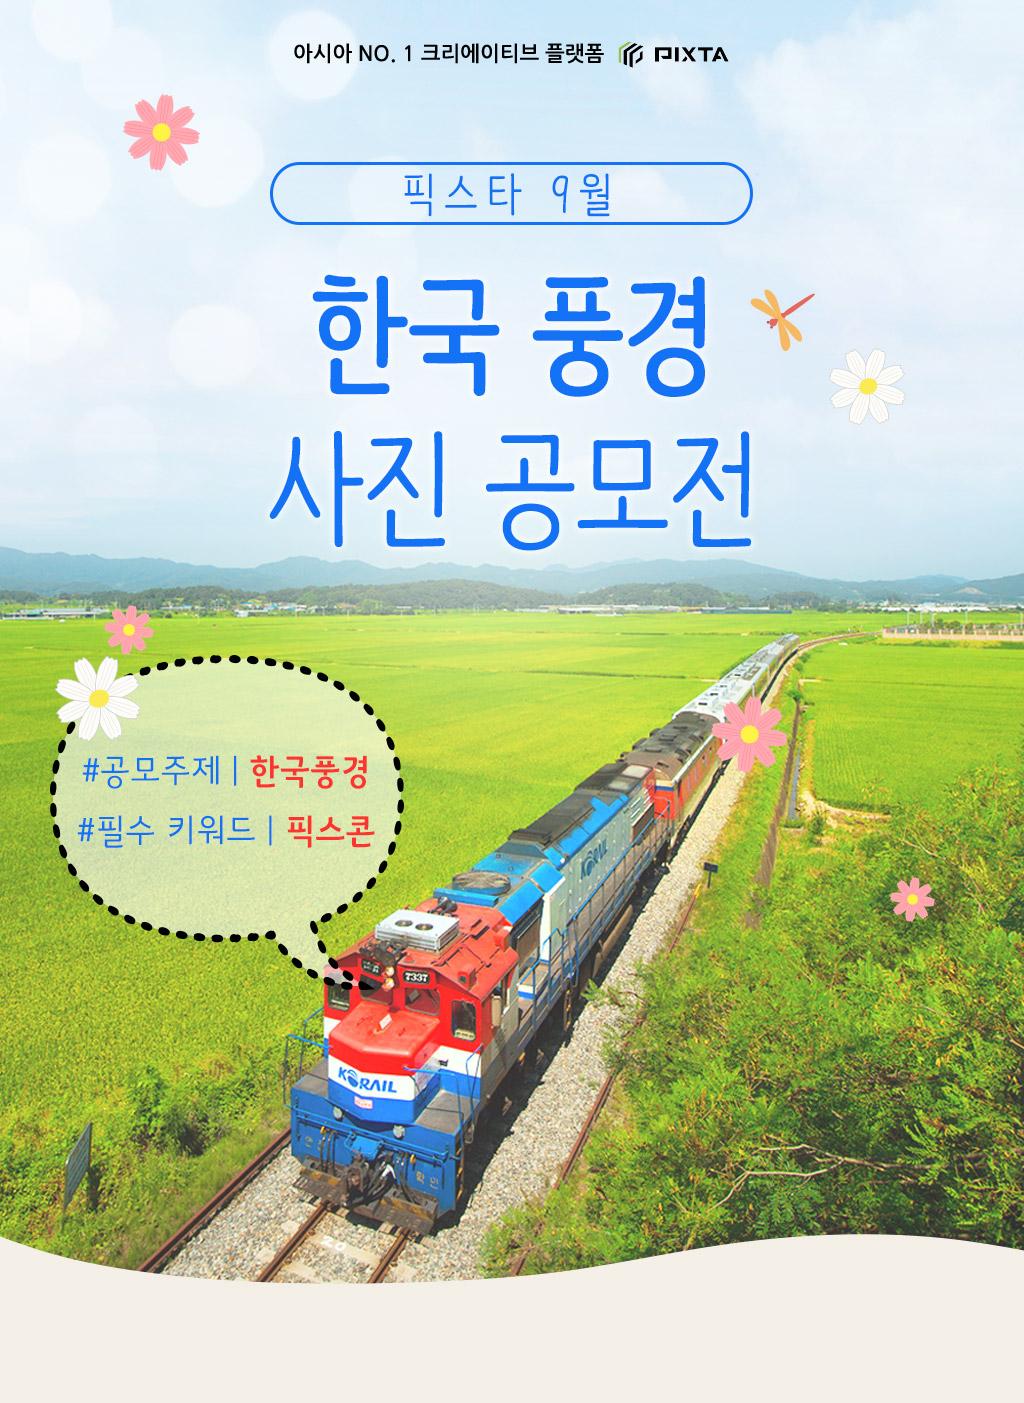 픽스타 9월 한국 풍경 사진 공모전